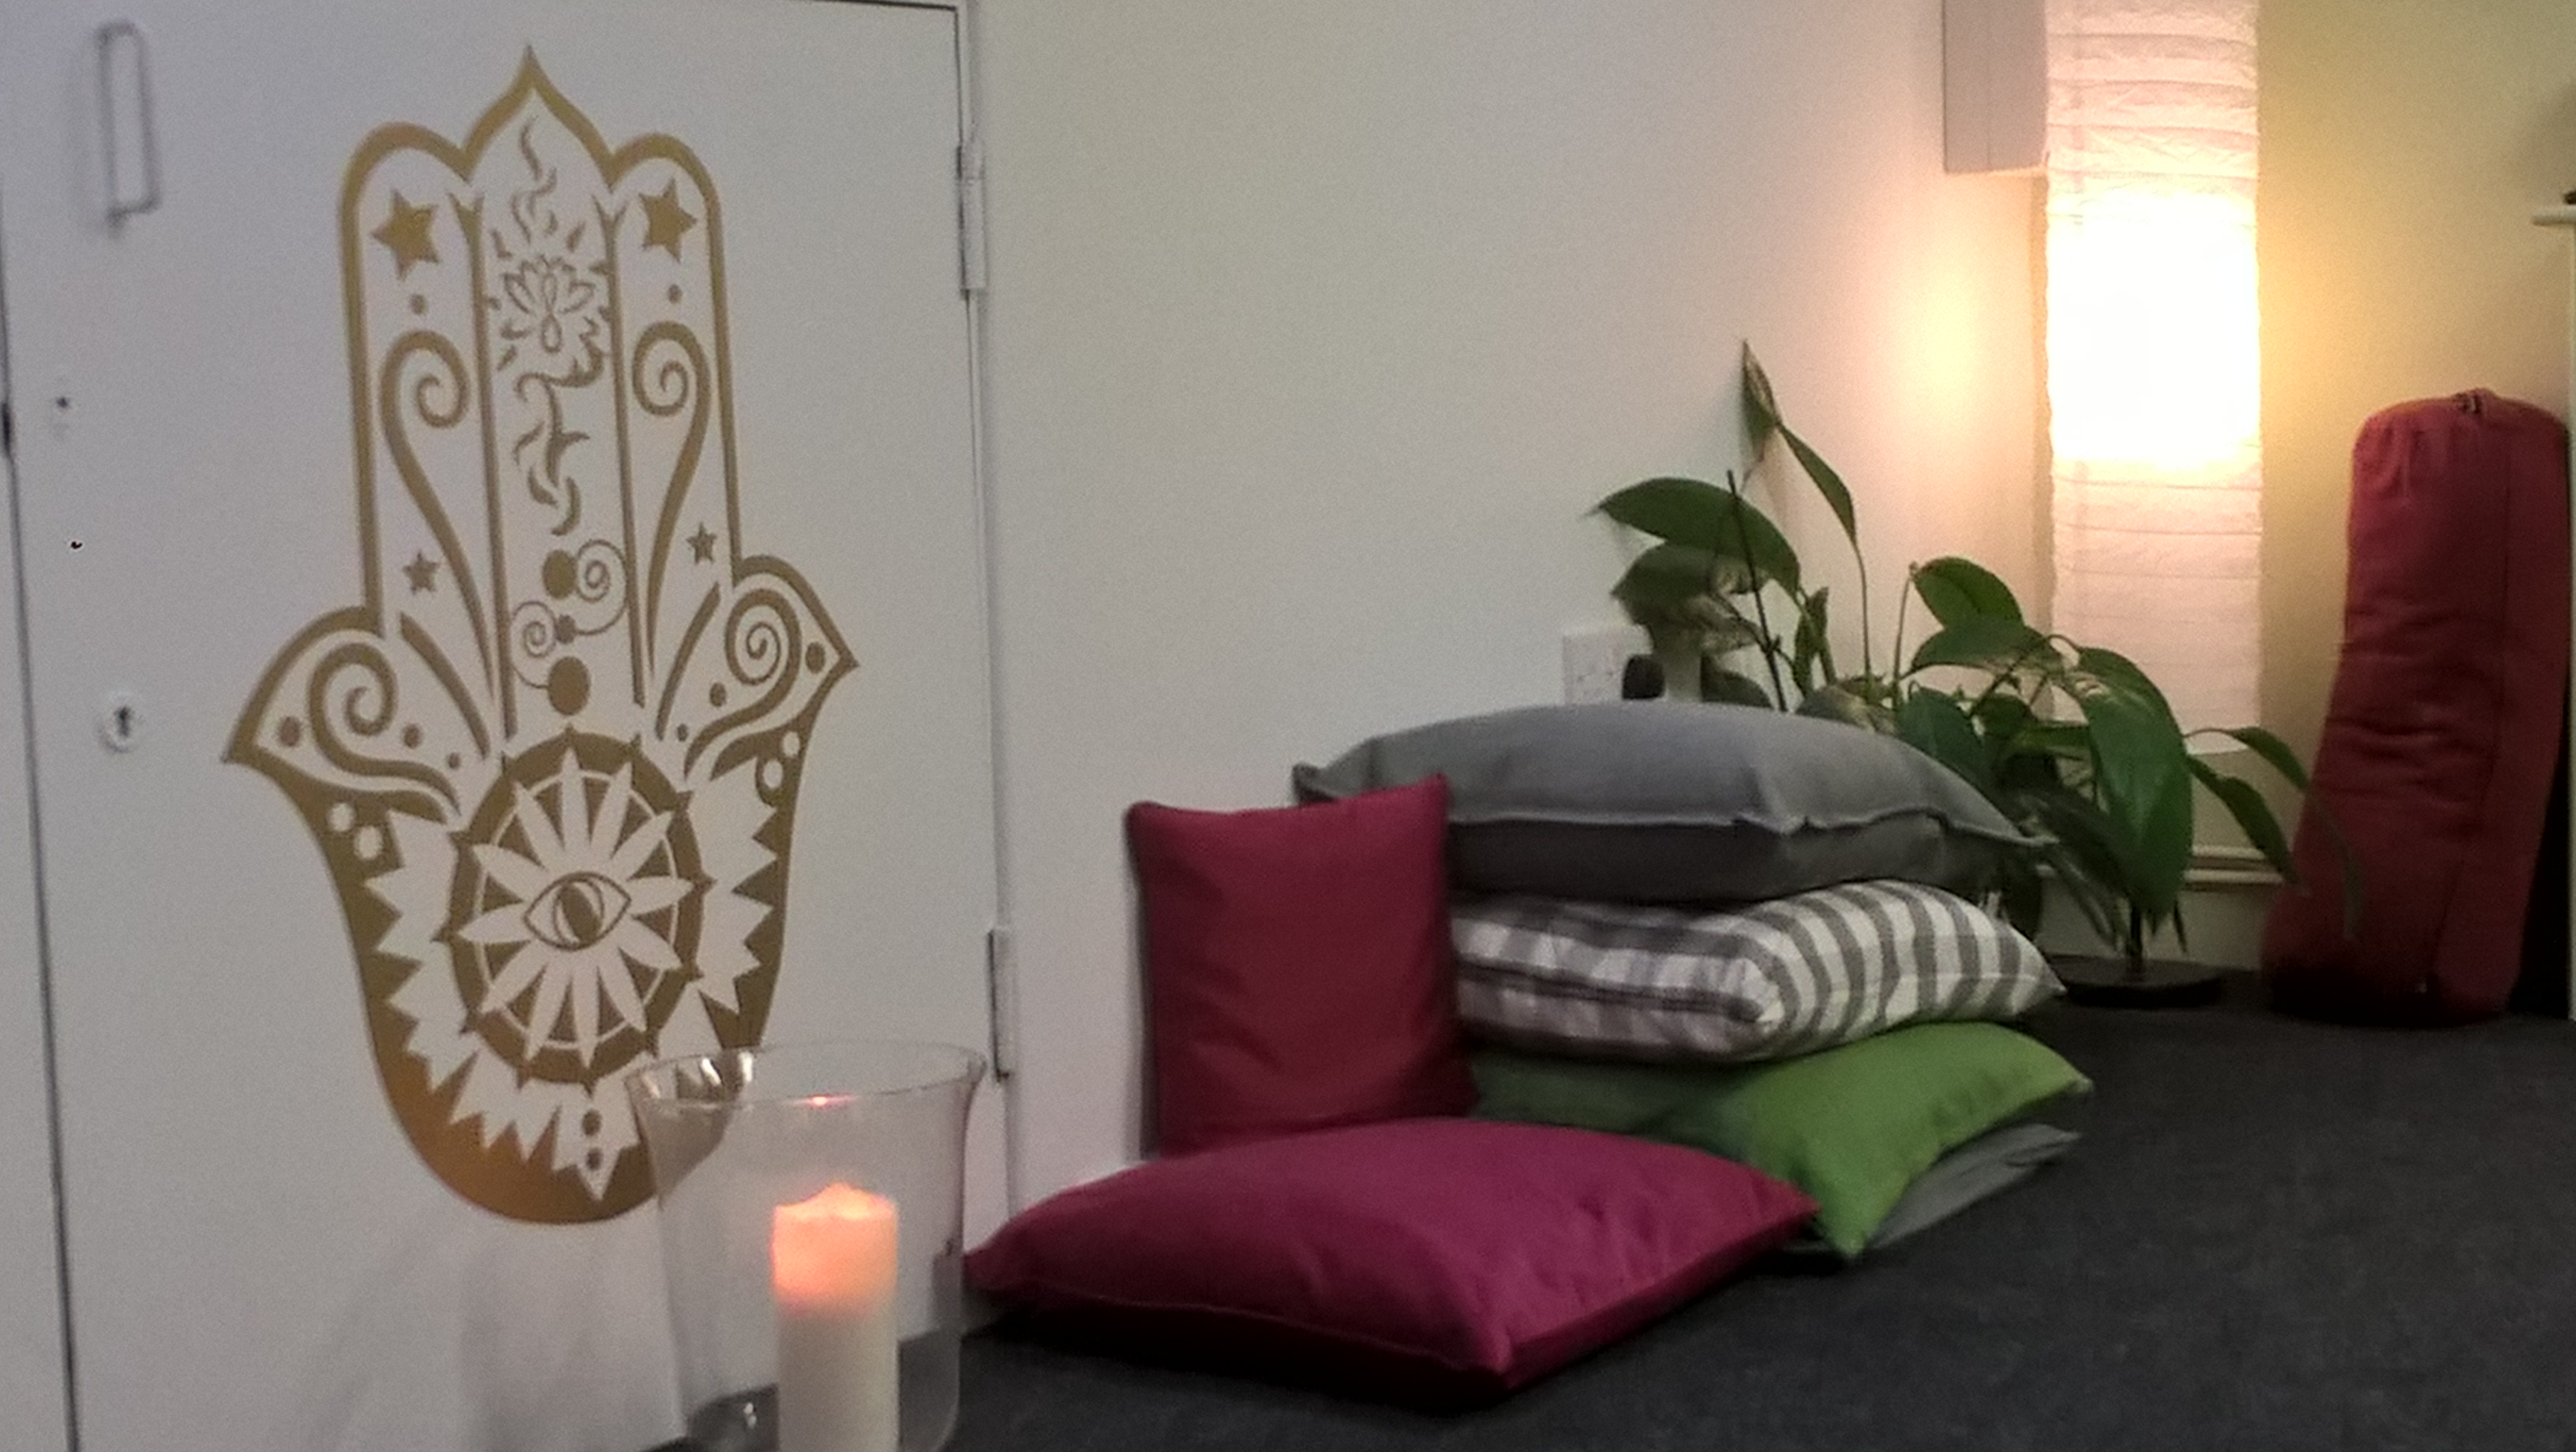 Hamsa Yoga Room Holywood